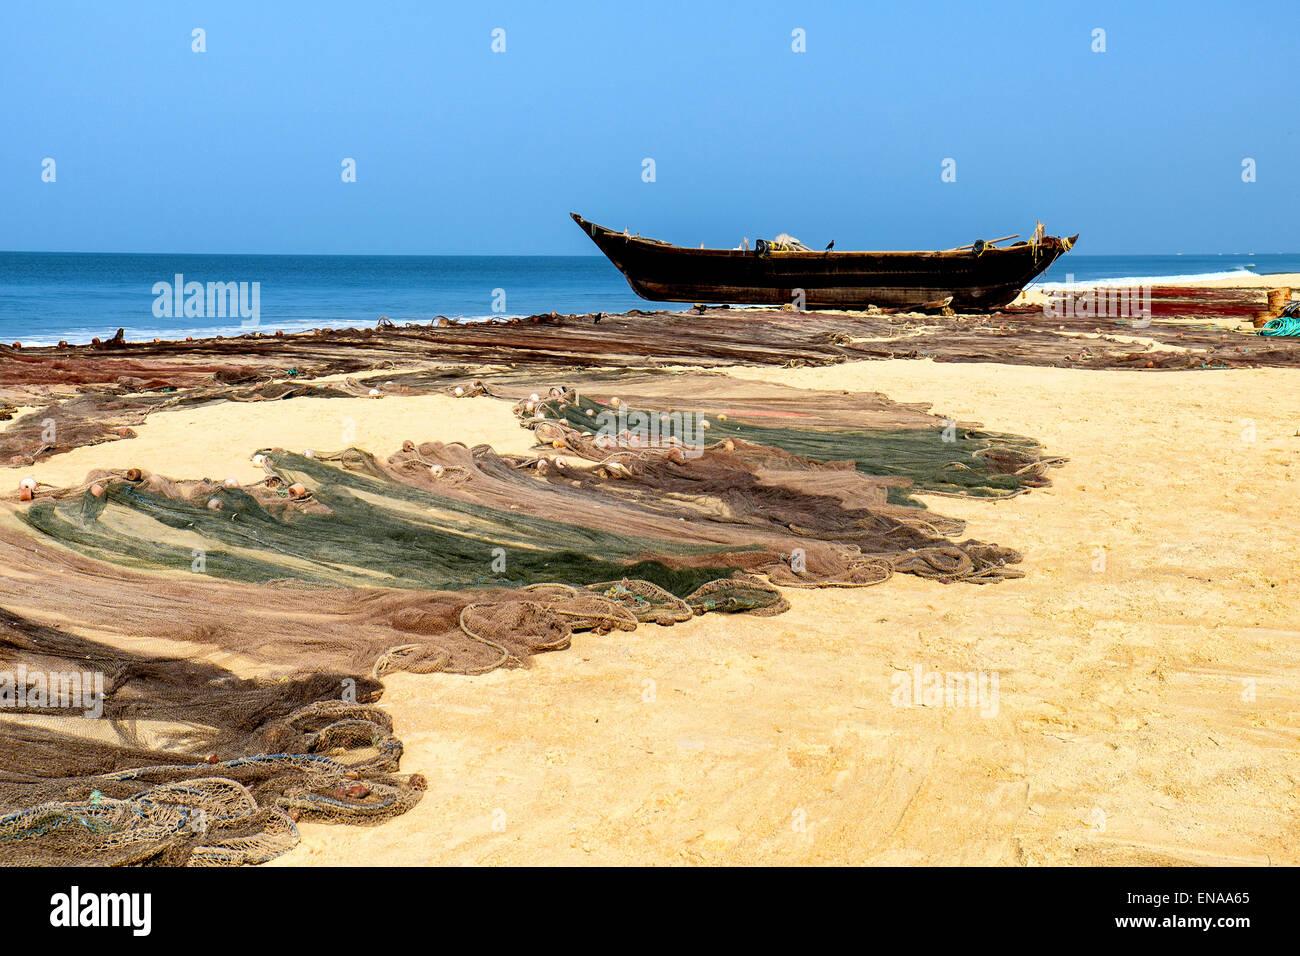 Goan Fischerboot mit Fischernetzen im Vordergrund in Cavelossim, Salcette Goa Stockbild